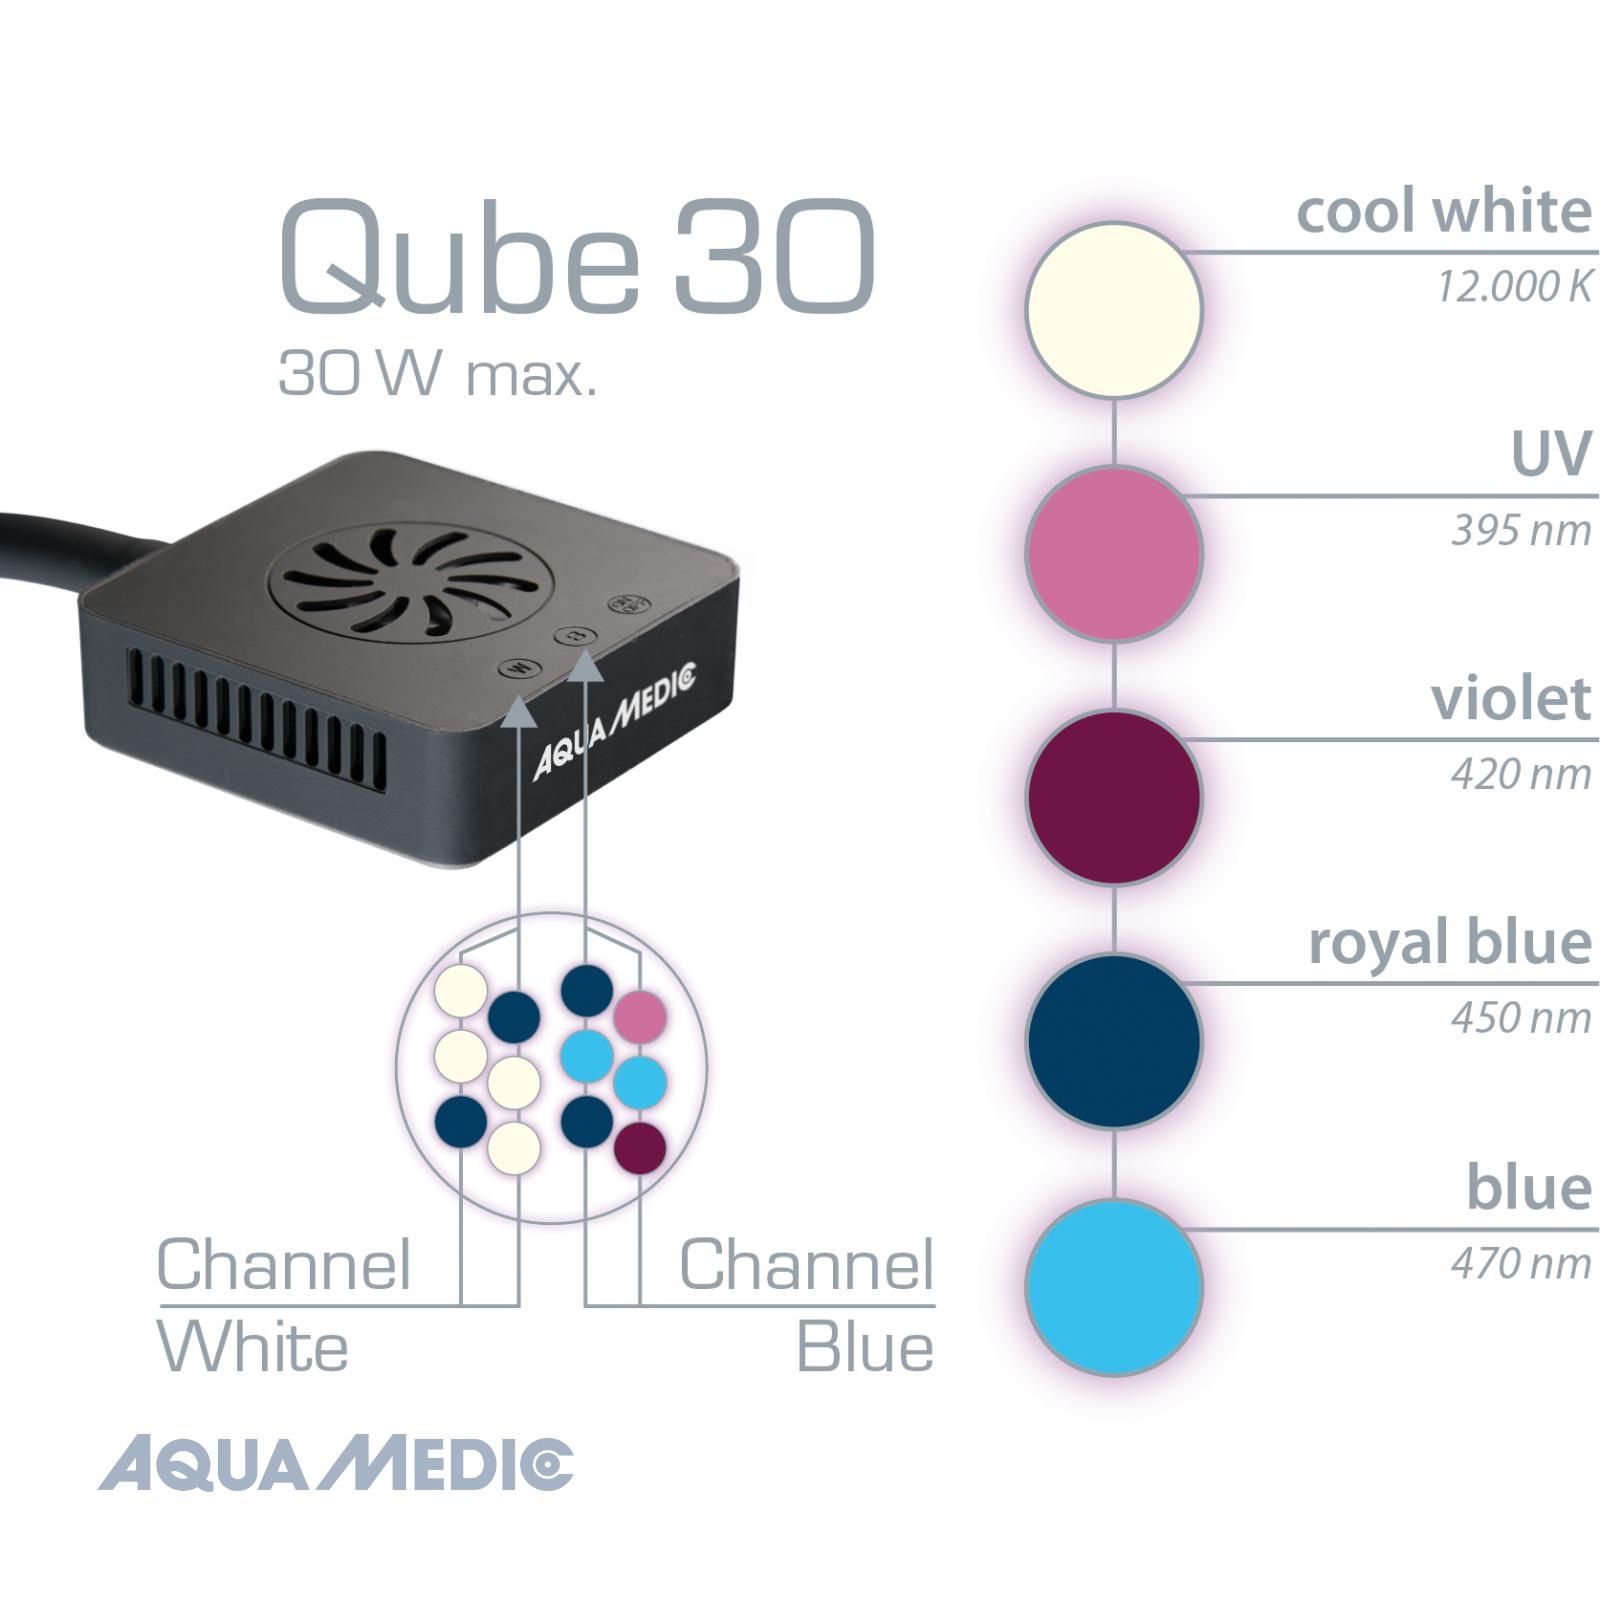 aqua medic qube 30